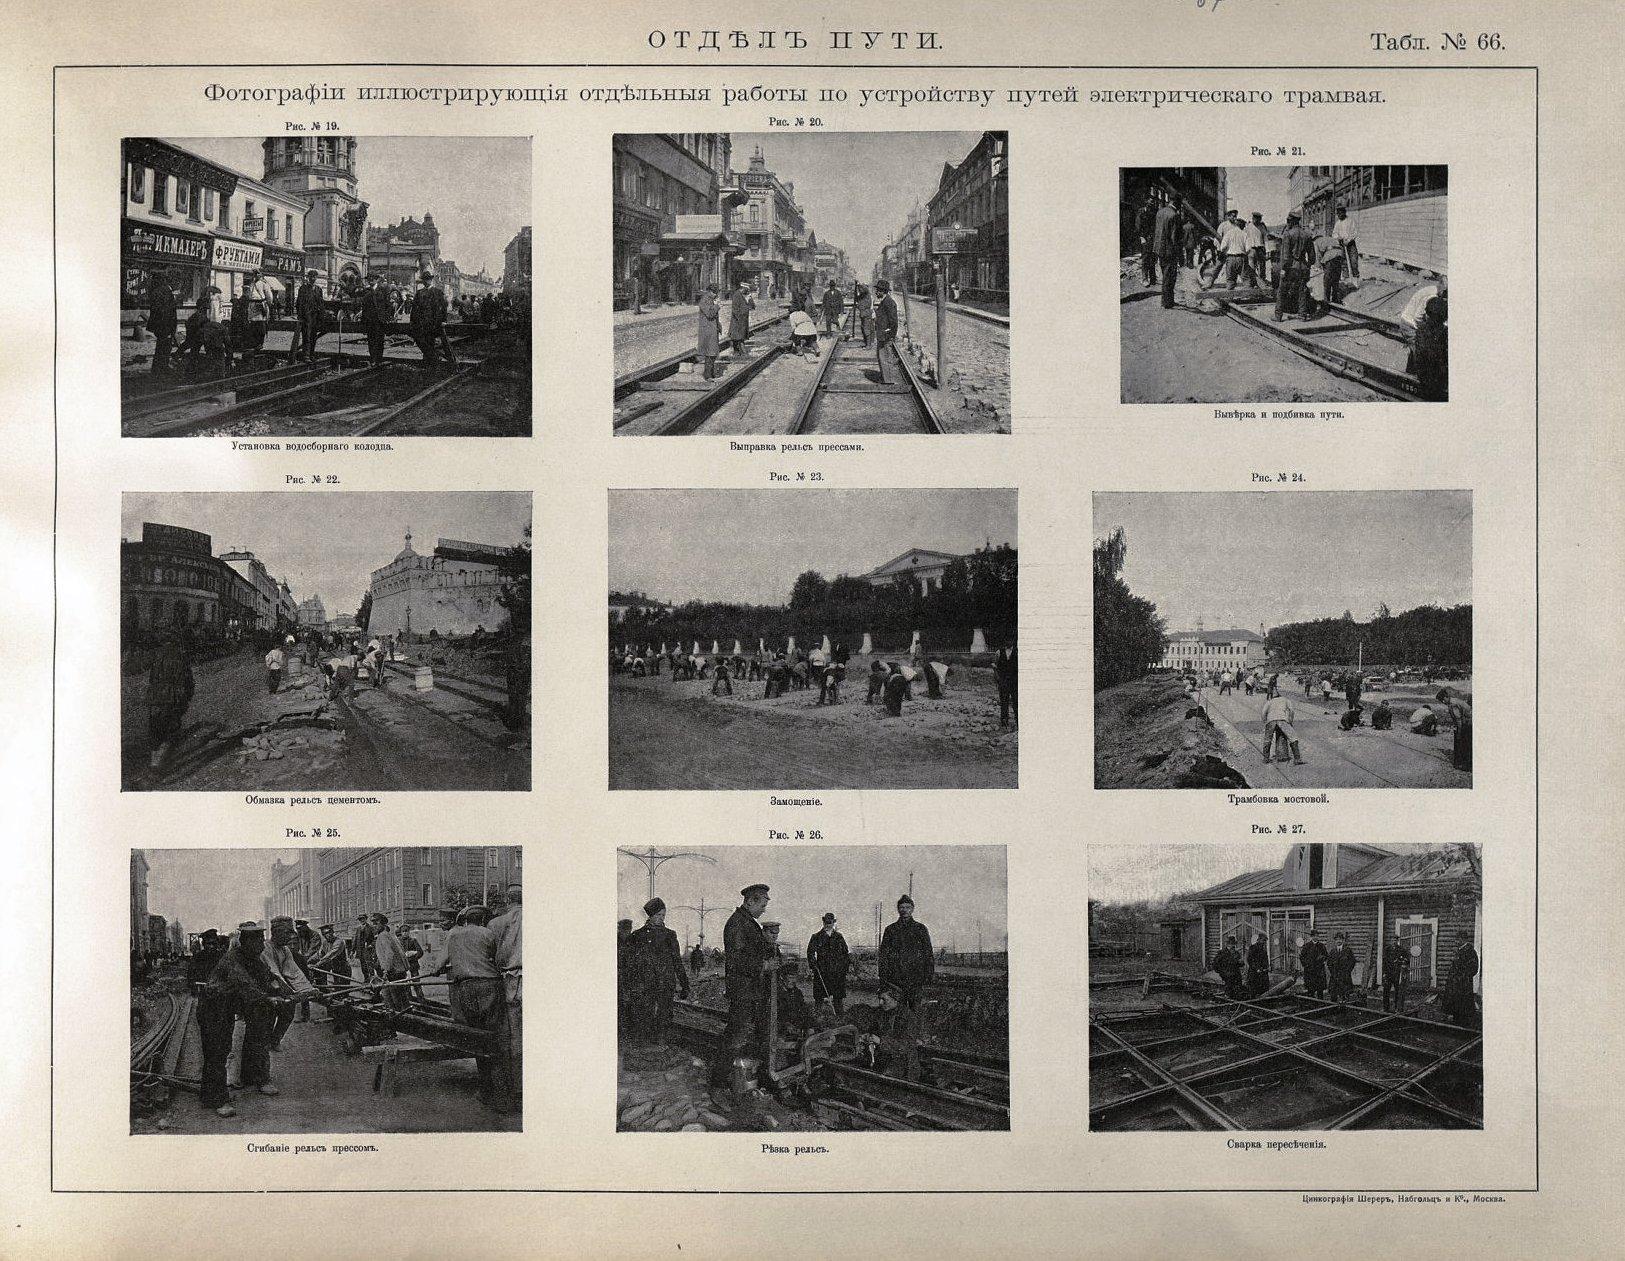 67. Фотографии, иллюстрирующие отдельные работы по устройству путей электрического трамвая